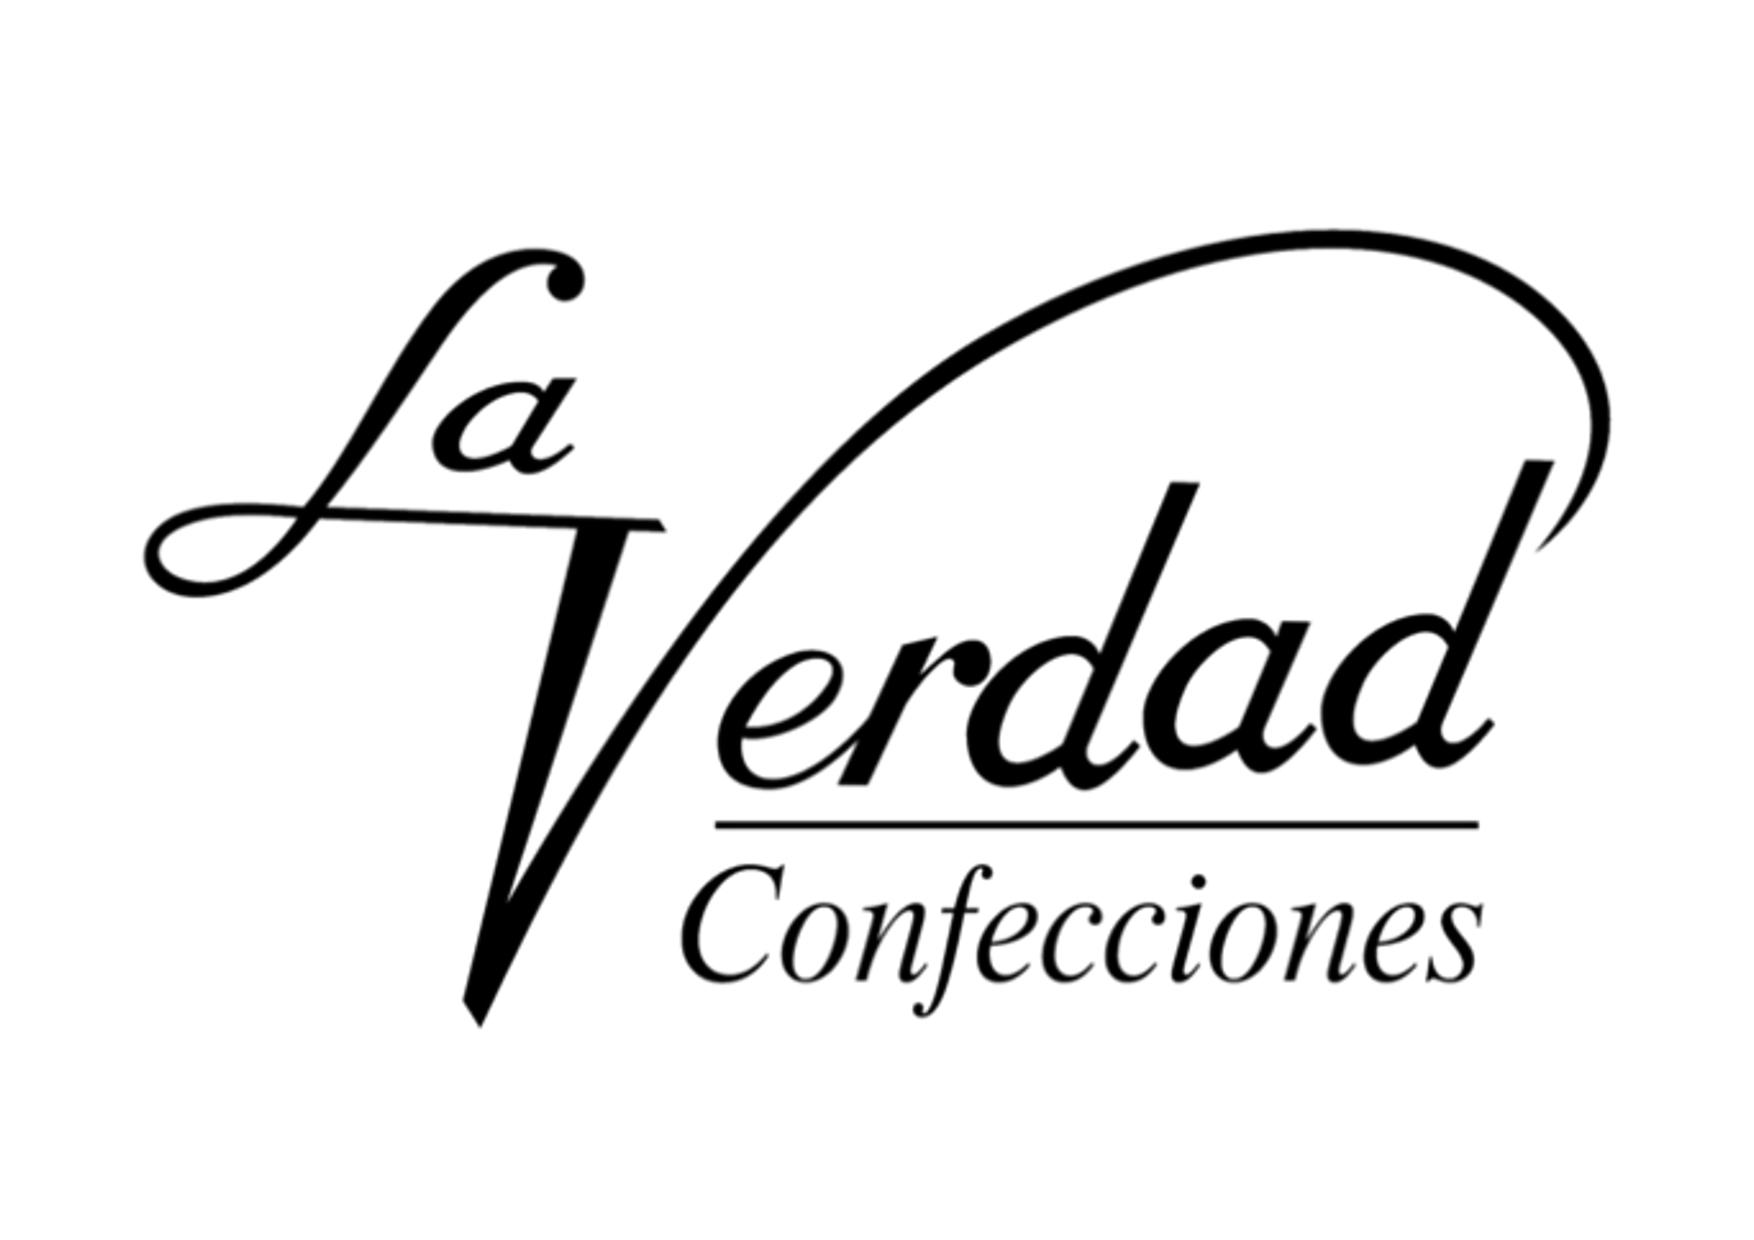 logo La Verdad Confecciones